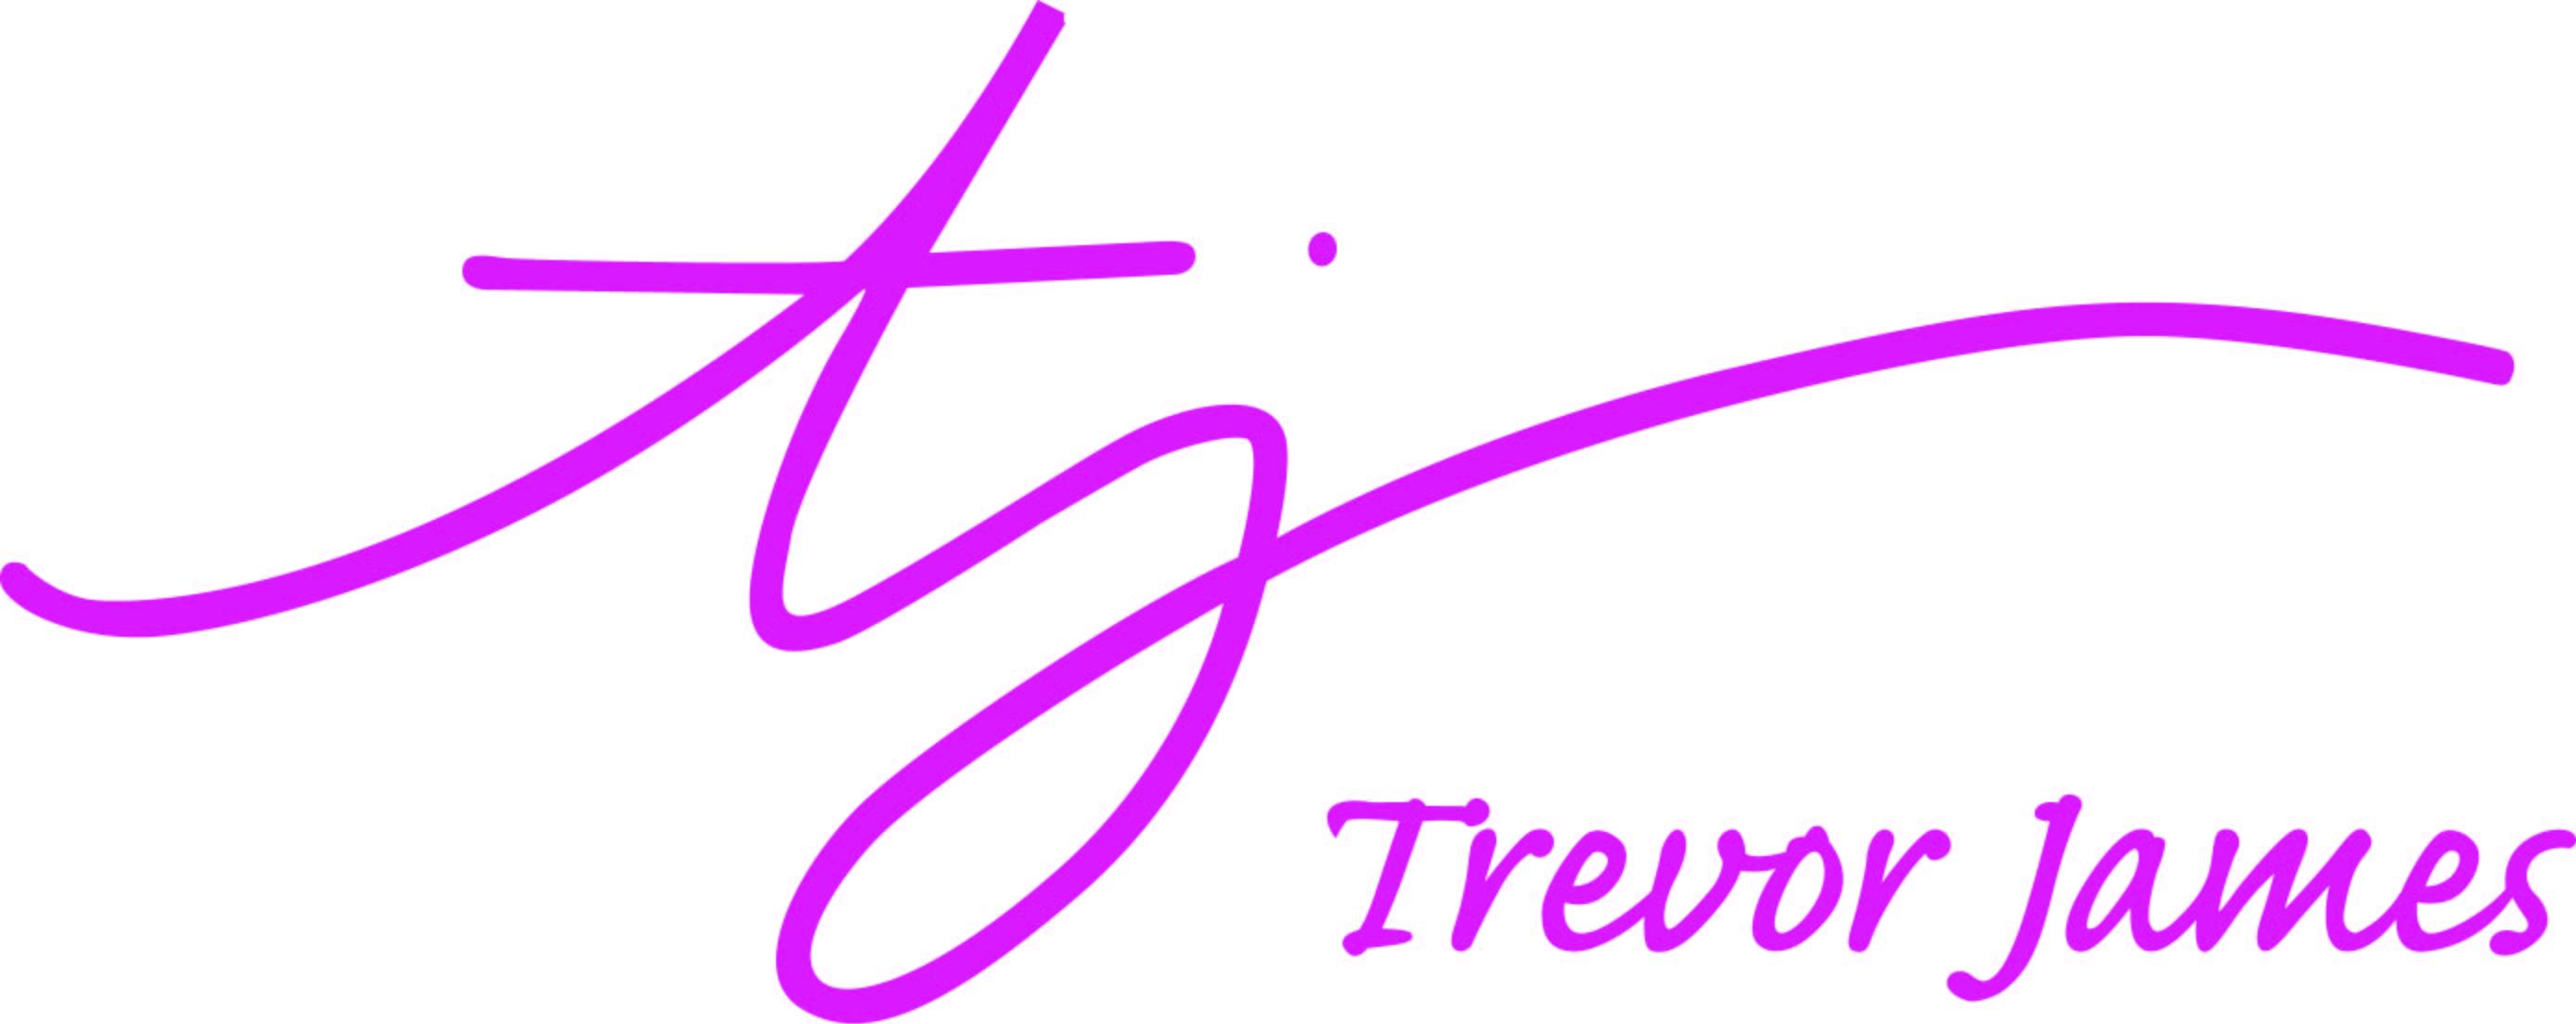 Trevor James - 3015 (TJ10X) - CCEO - Holzblasinstrumente - Flöten mit E-Mechanik | MUSIK BERTRAM Deutschland Freiburg